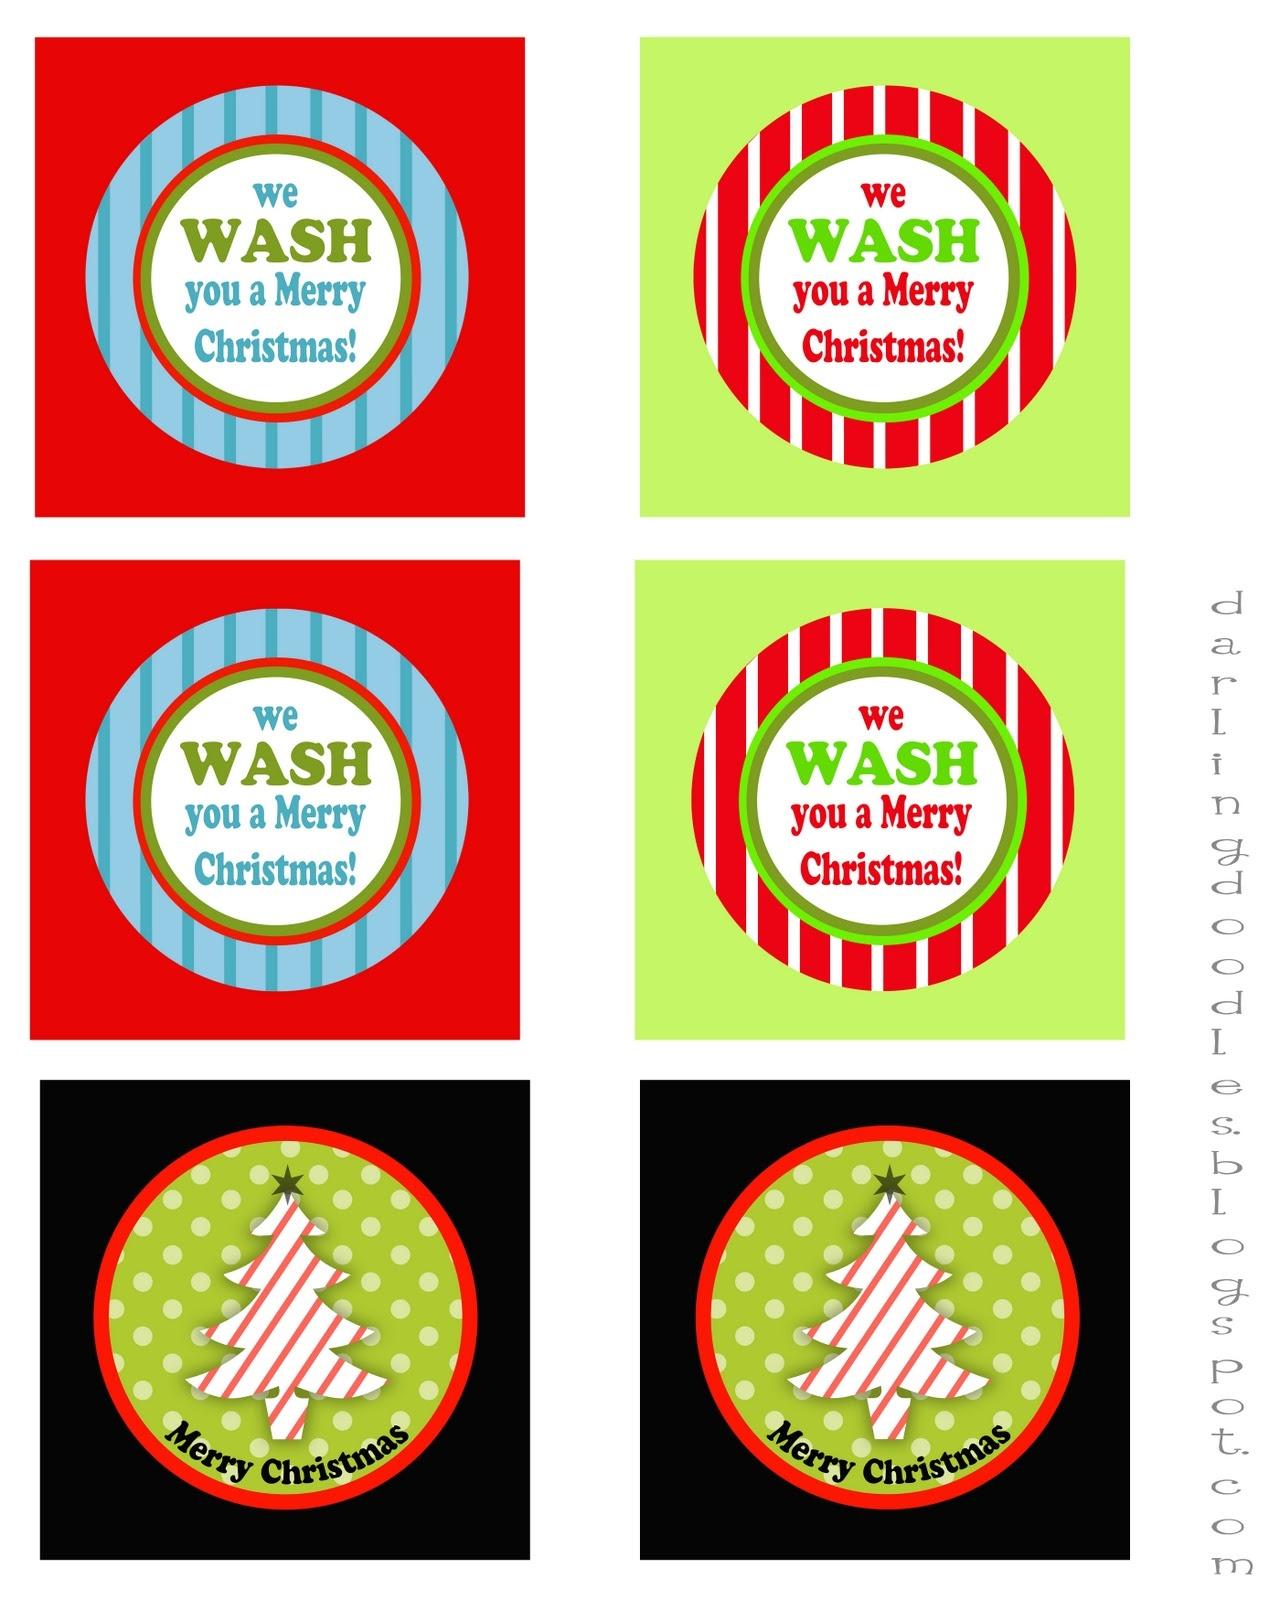 We Wash You A Merry Christmas Free Printable – Festival Collections - We Wash You A Merry Christmas Free Printable